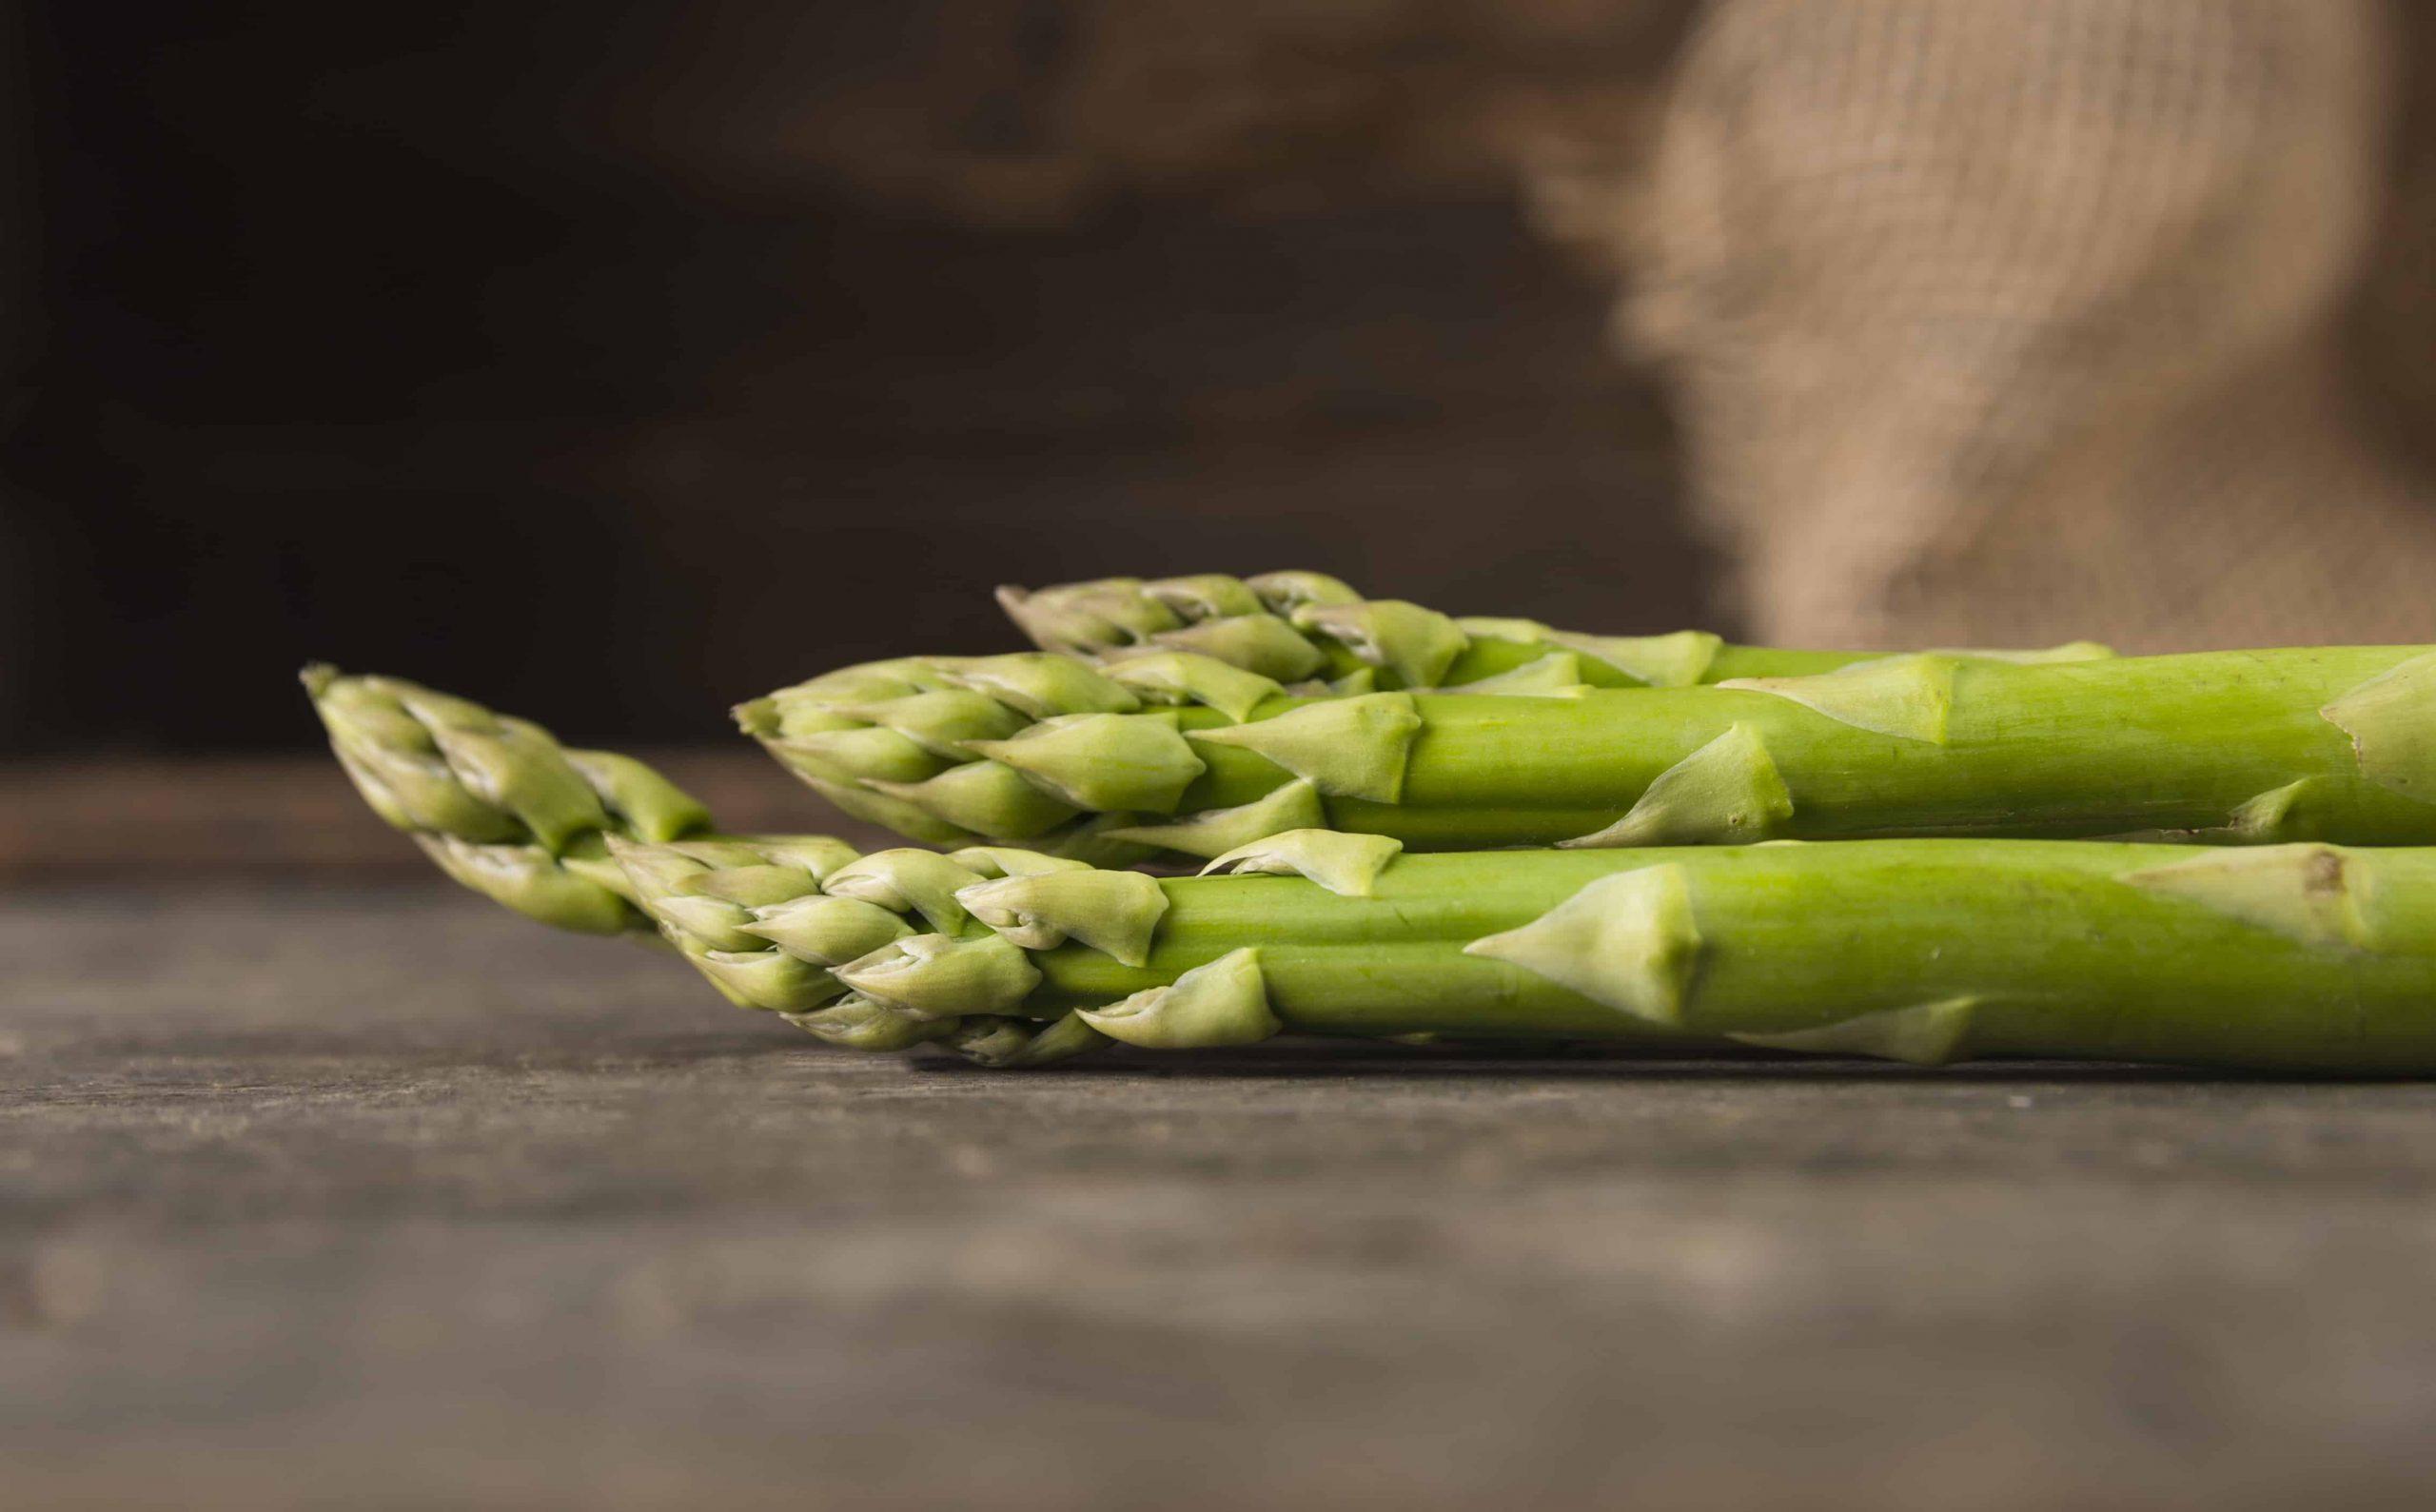 Spargel kochen: 5 einfache Tipps für leckeren Spargel